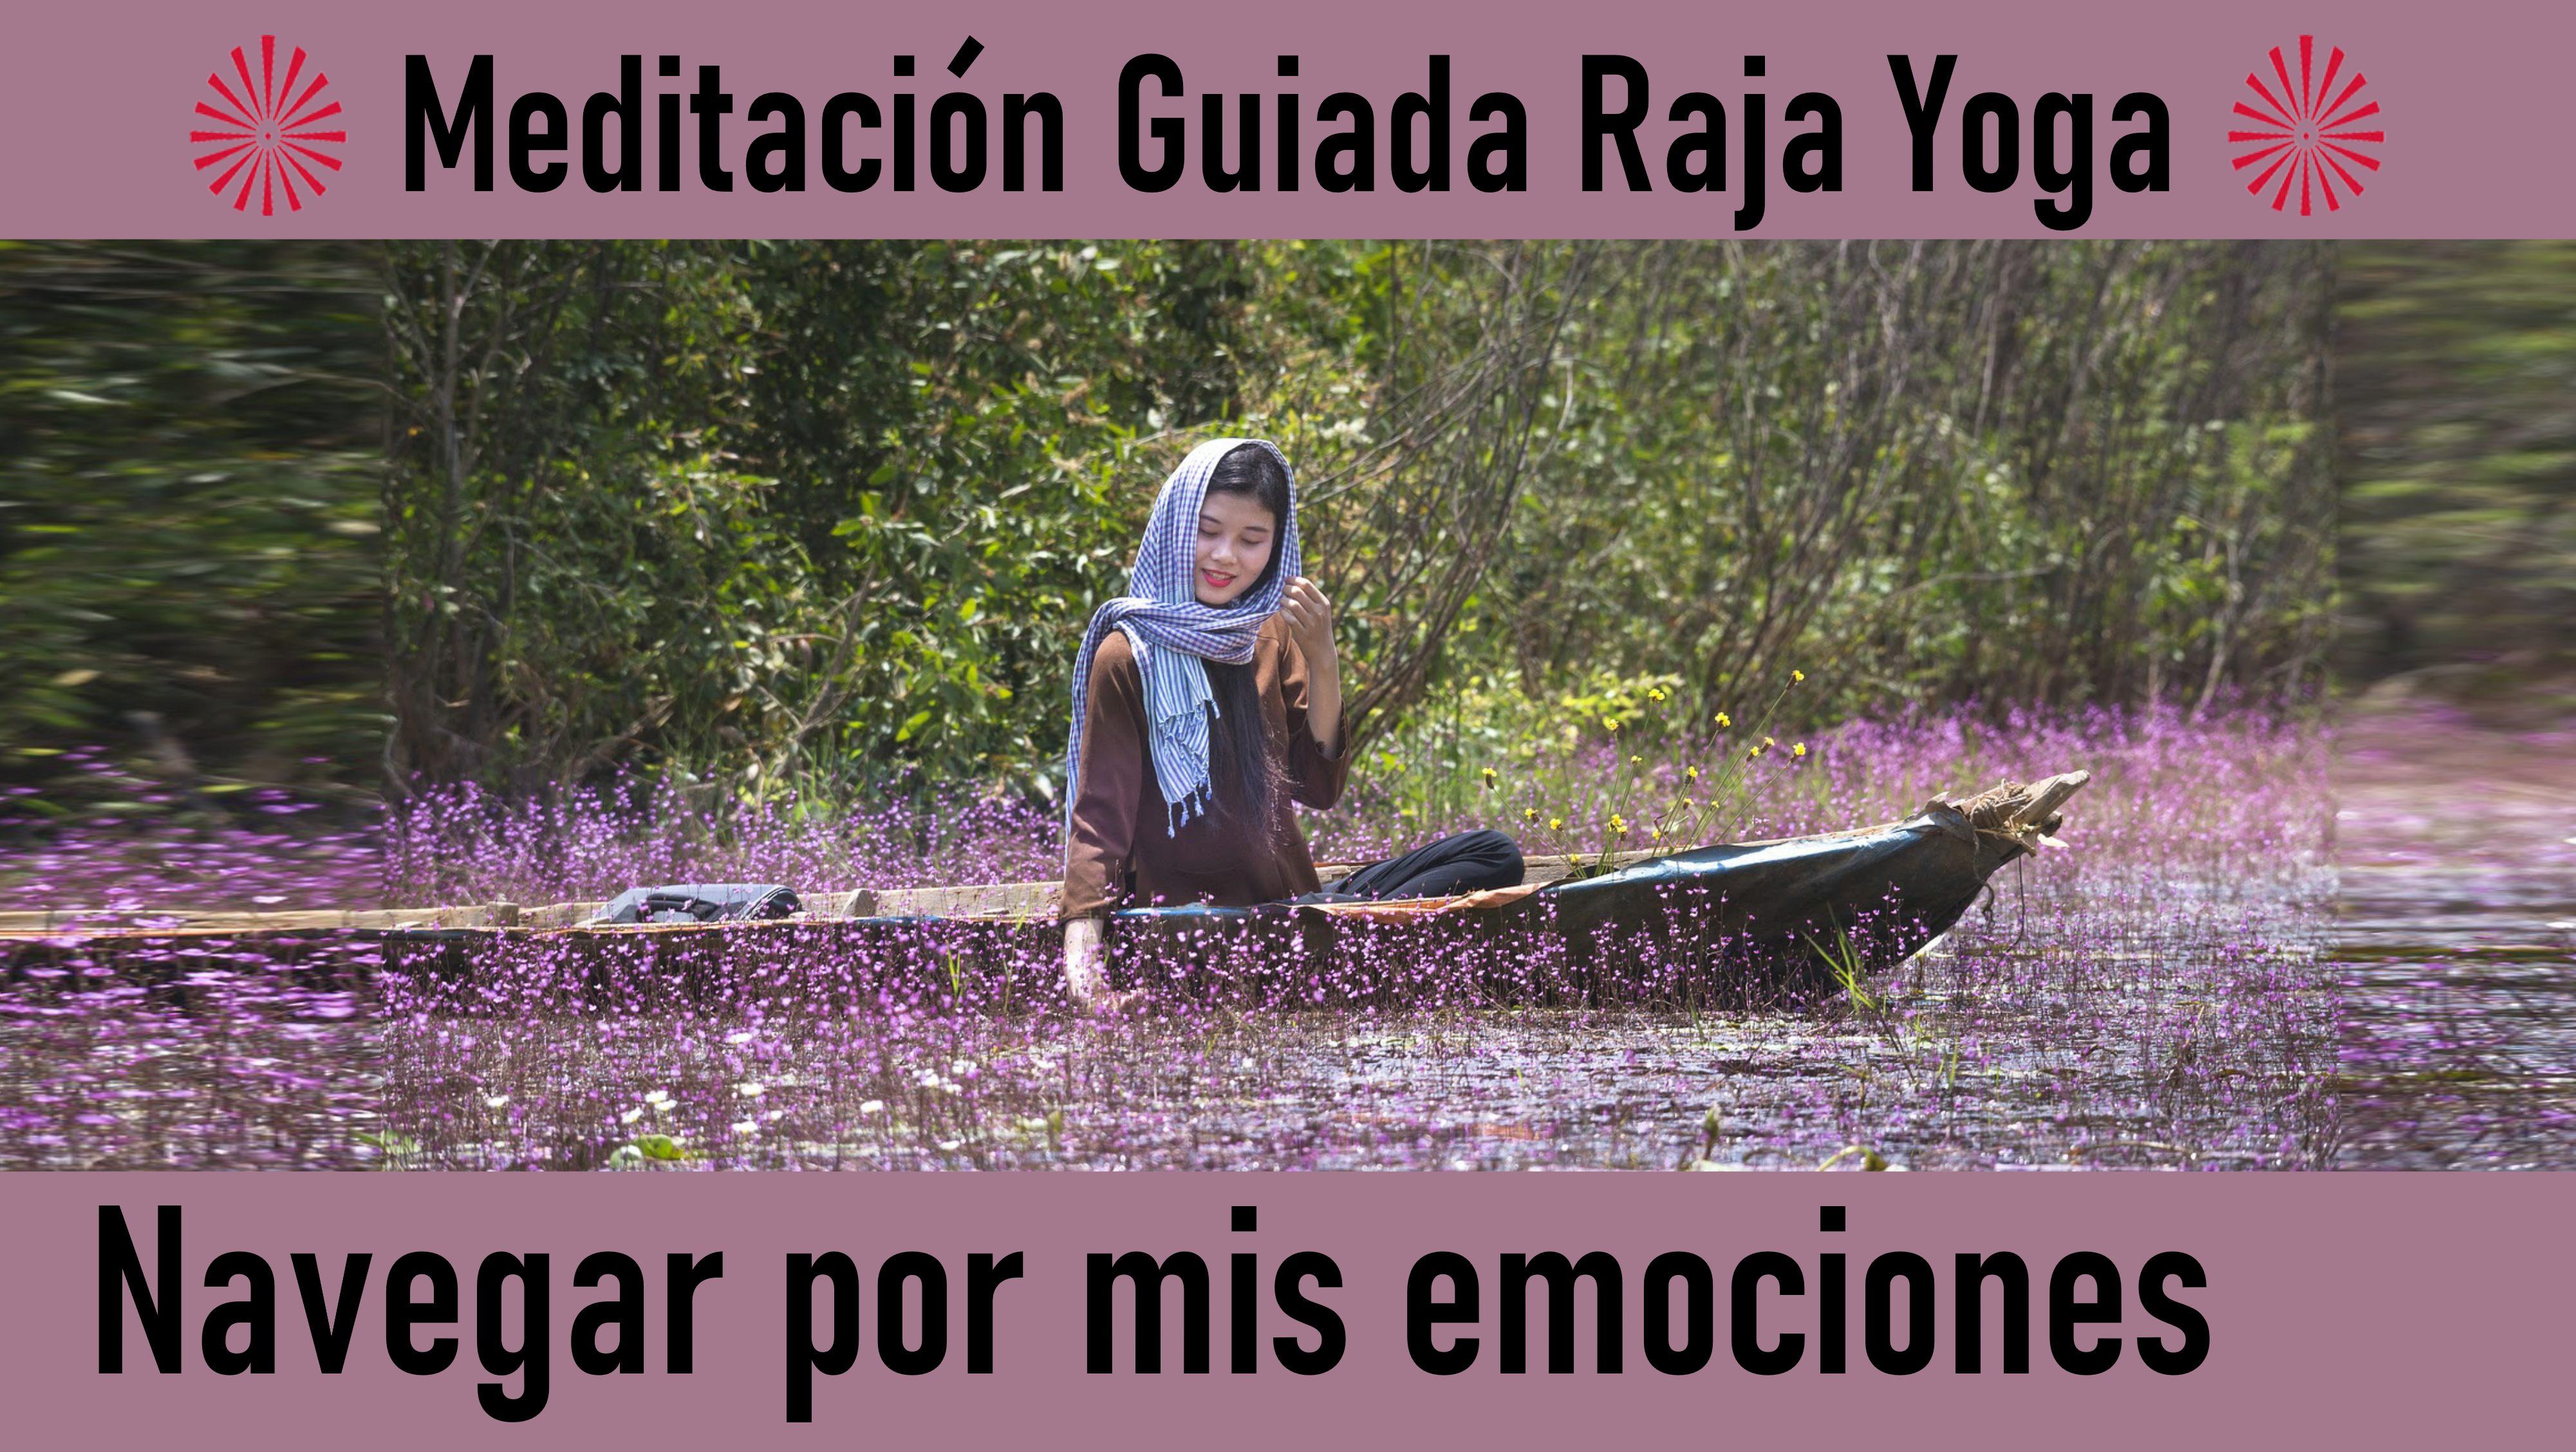 Meditación Raja Yoga: Navegar por mis emociones (20 Junio 2020) On-line desde Valencia